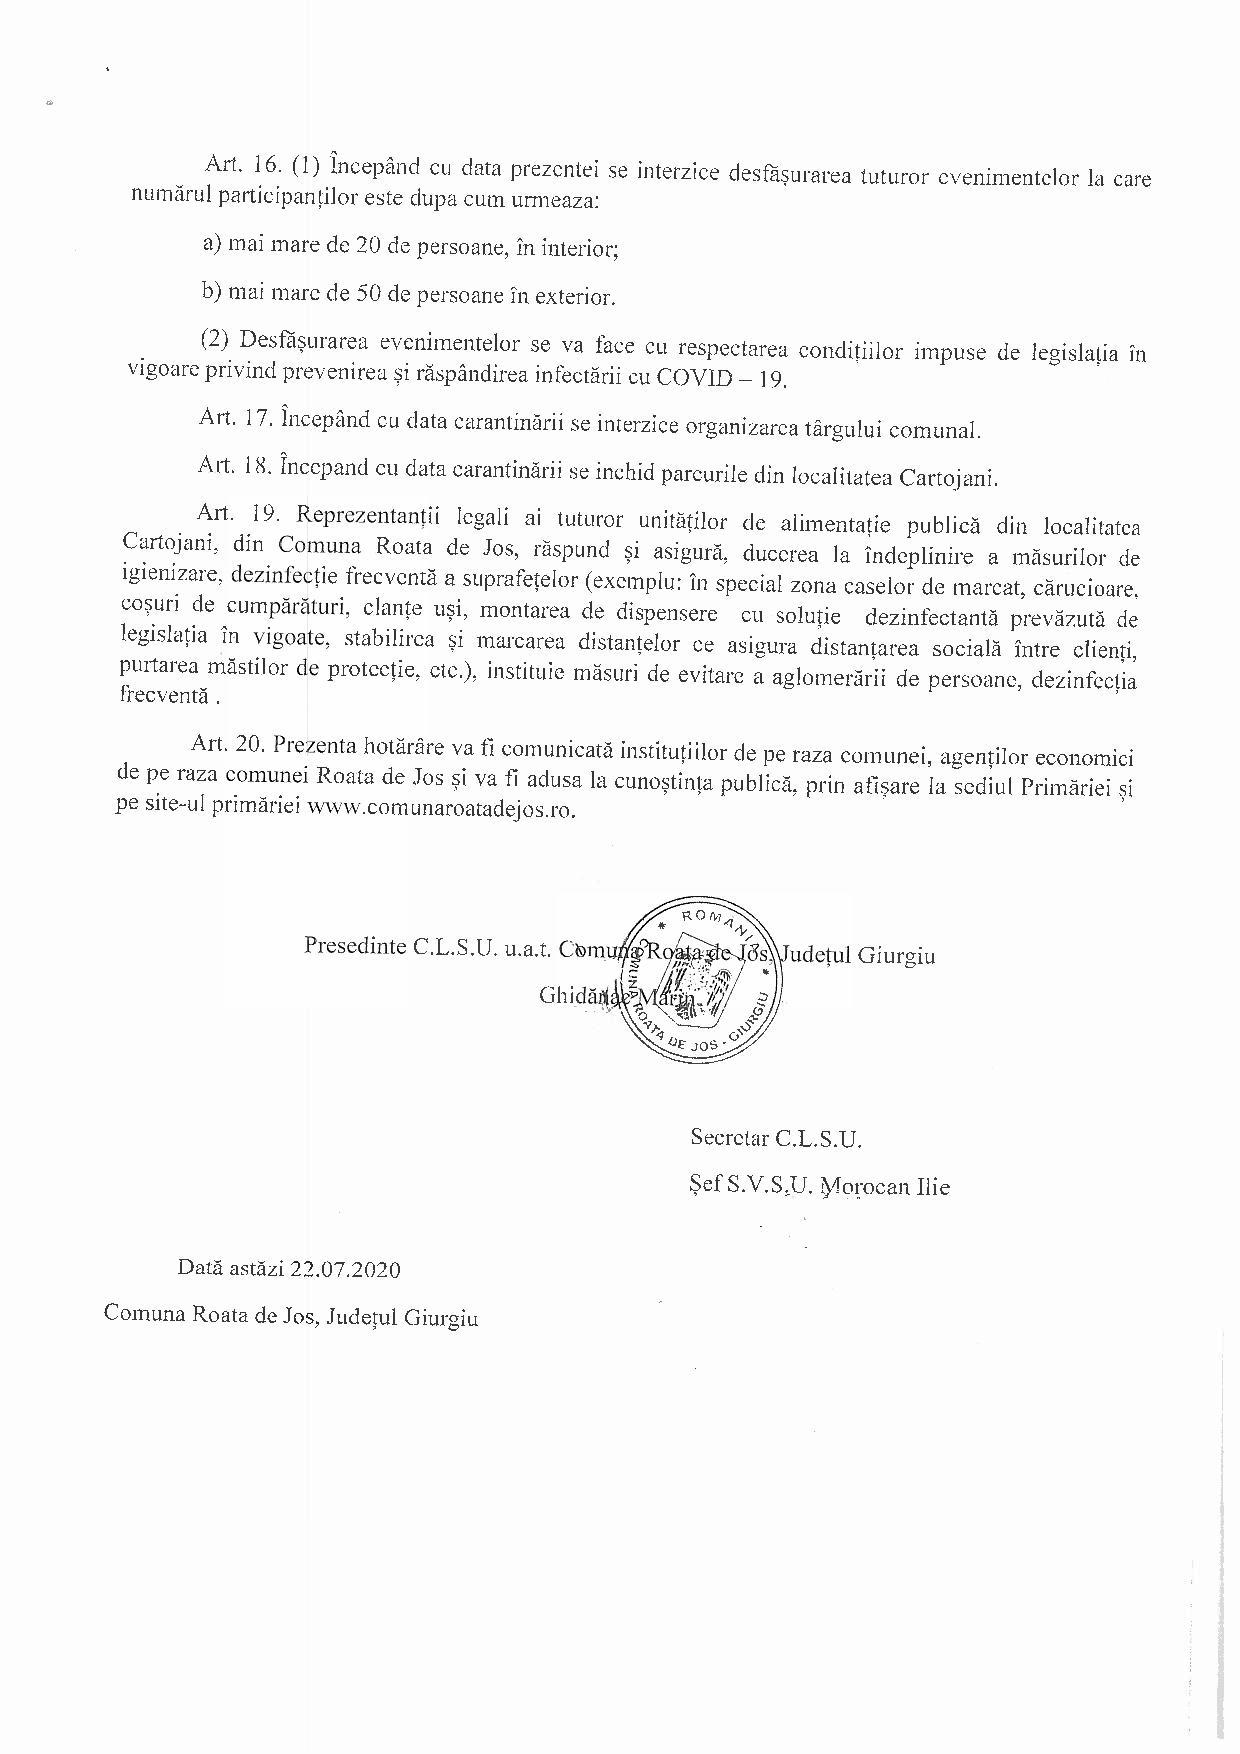 Hotărârea nr 2 - 22.07.2020 pentru instituirea măsurii de carantină pentru localitatea Cartojani din comuna Roata de Jos, județul Giurgiu - p4